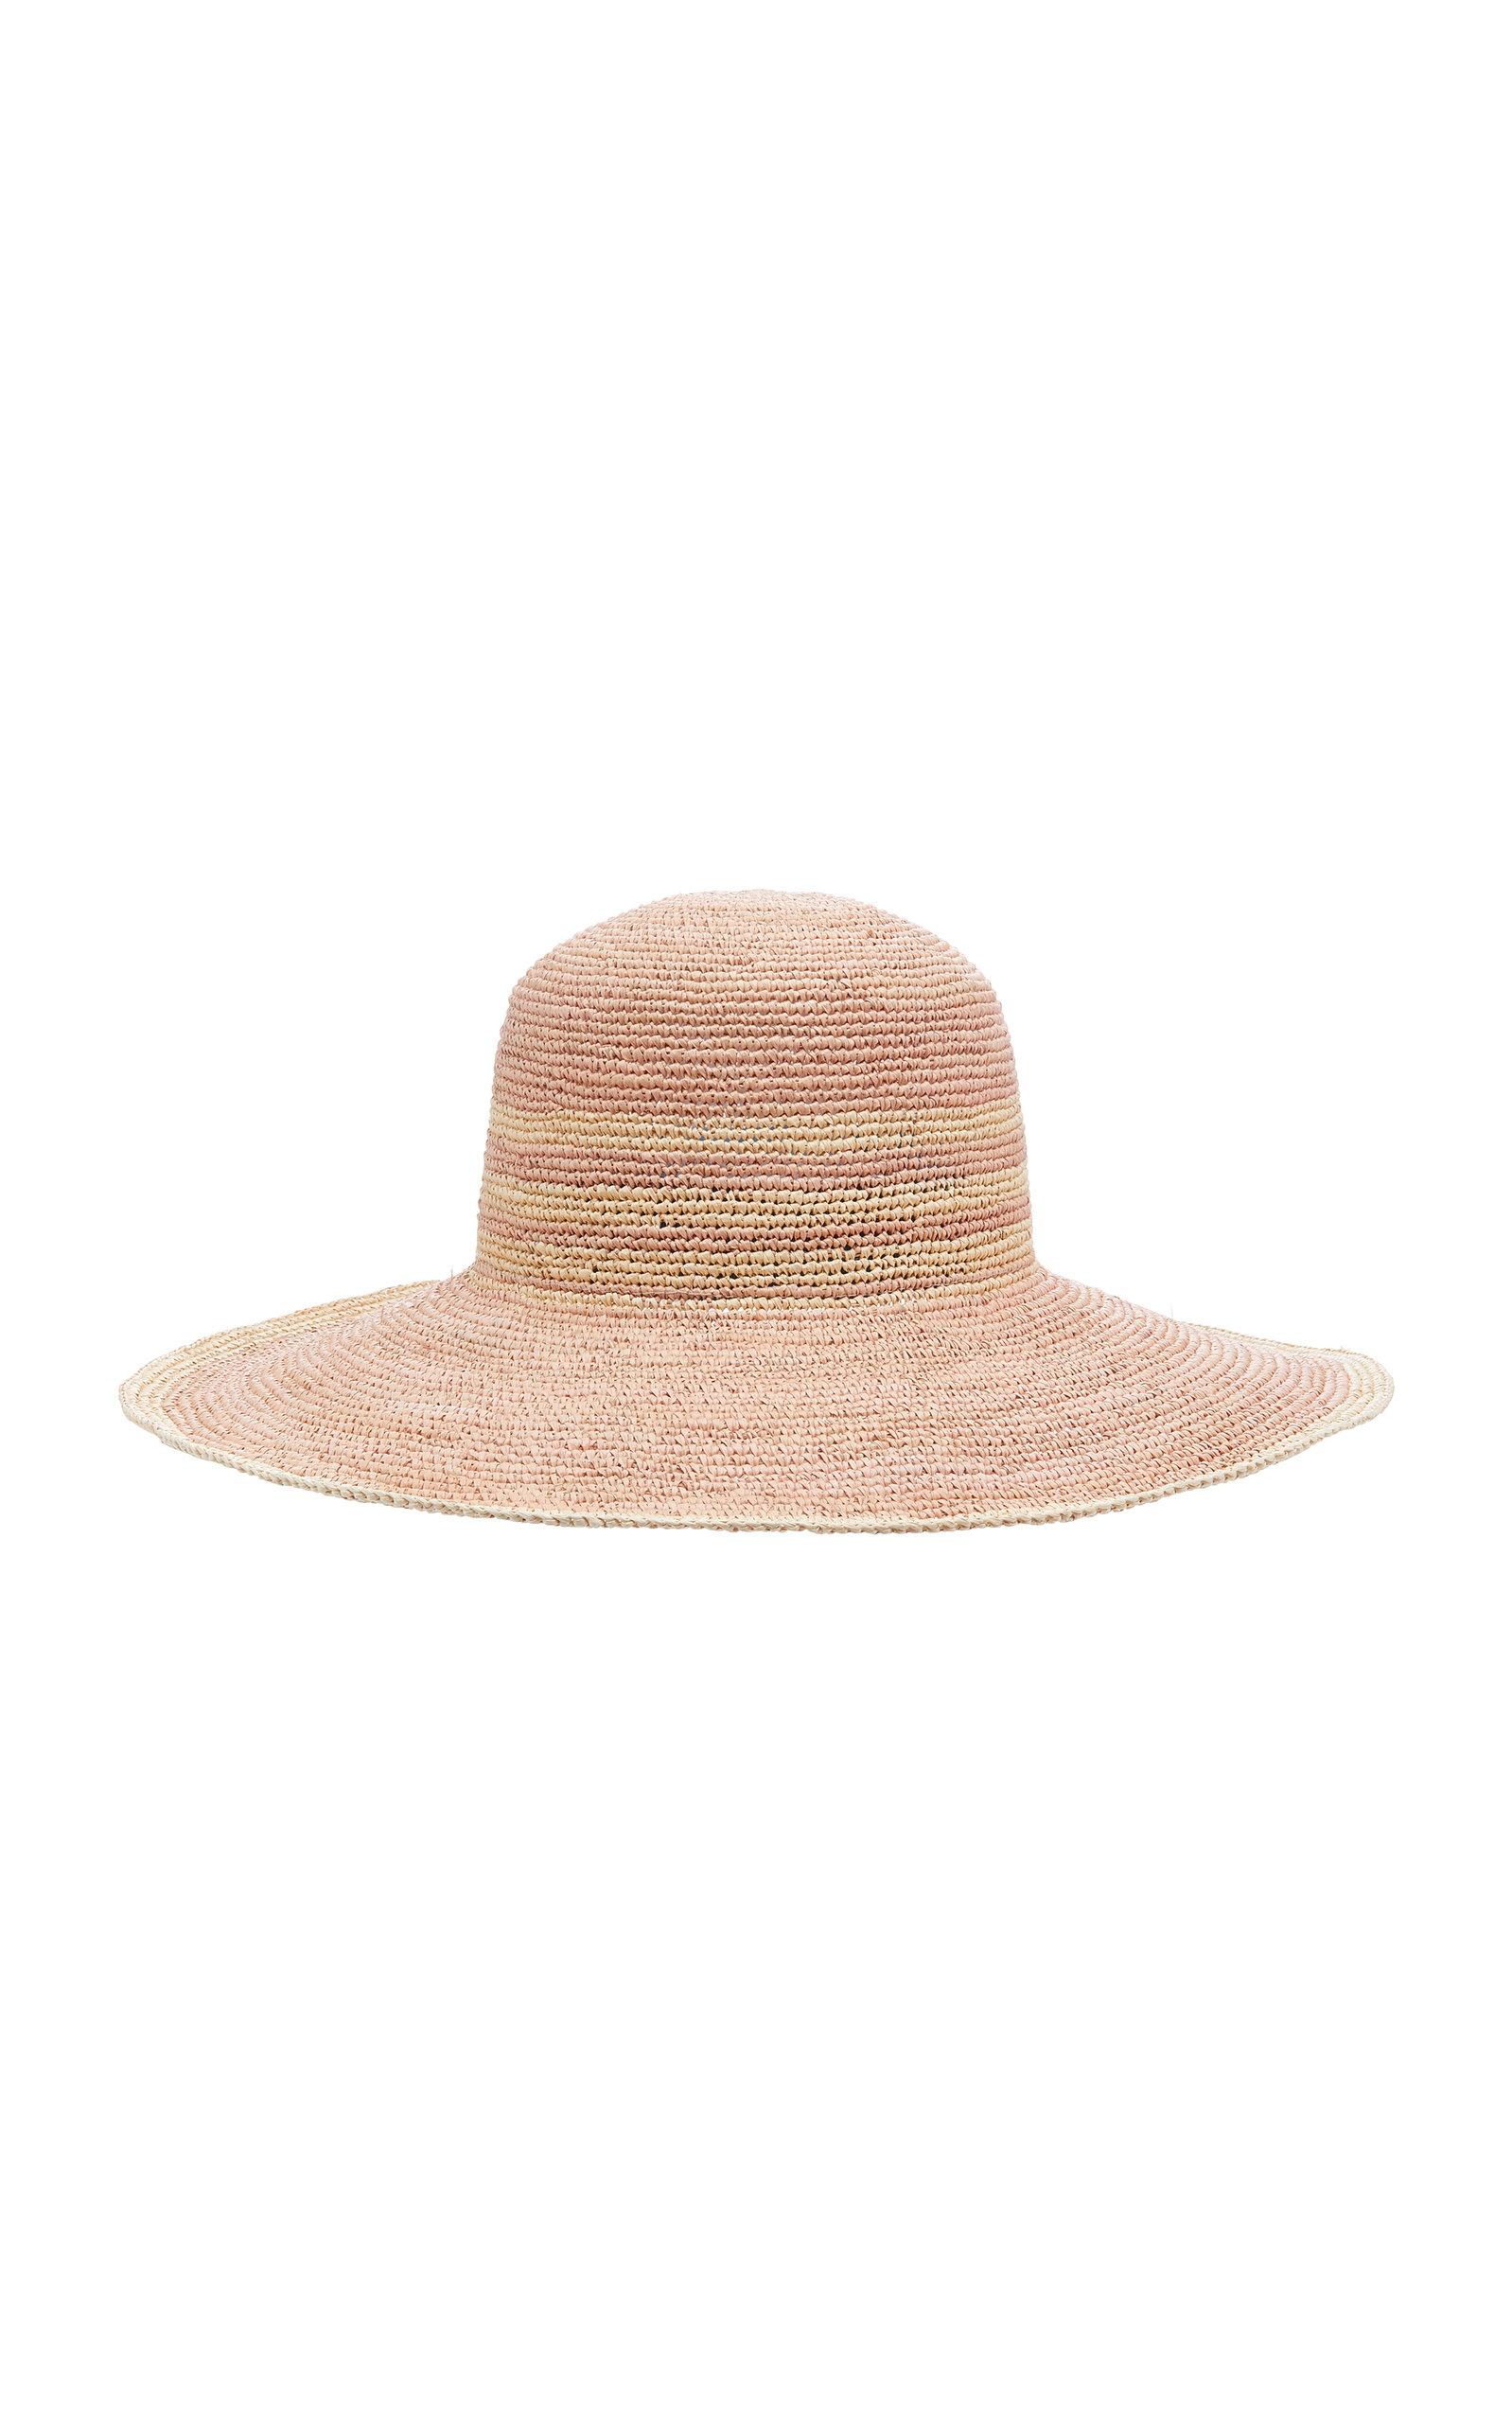 YESTADT MILLINERY Ramona Straw Hat in Multi